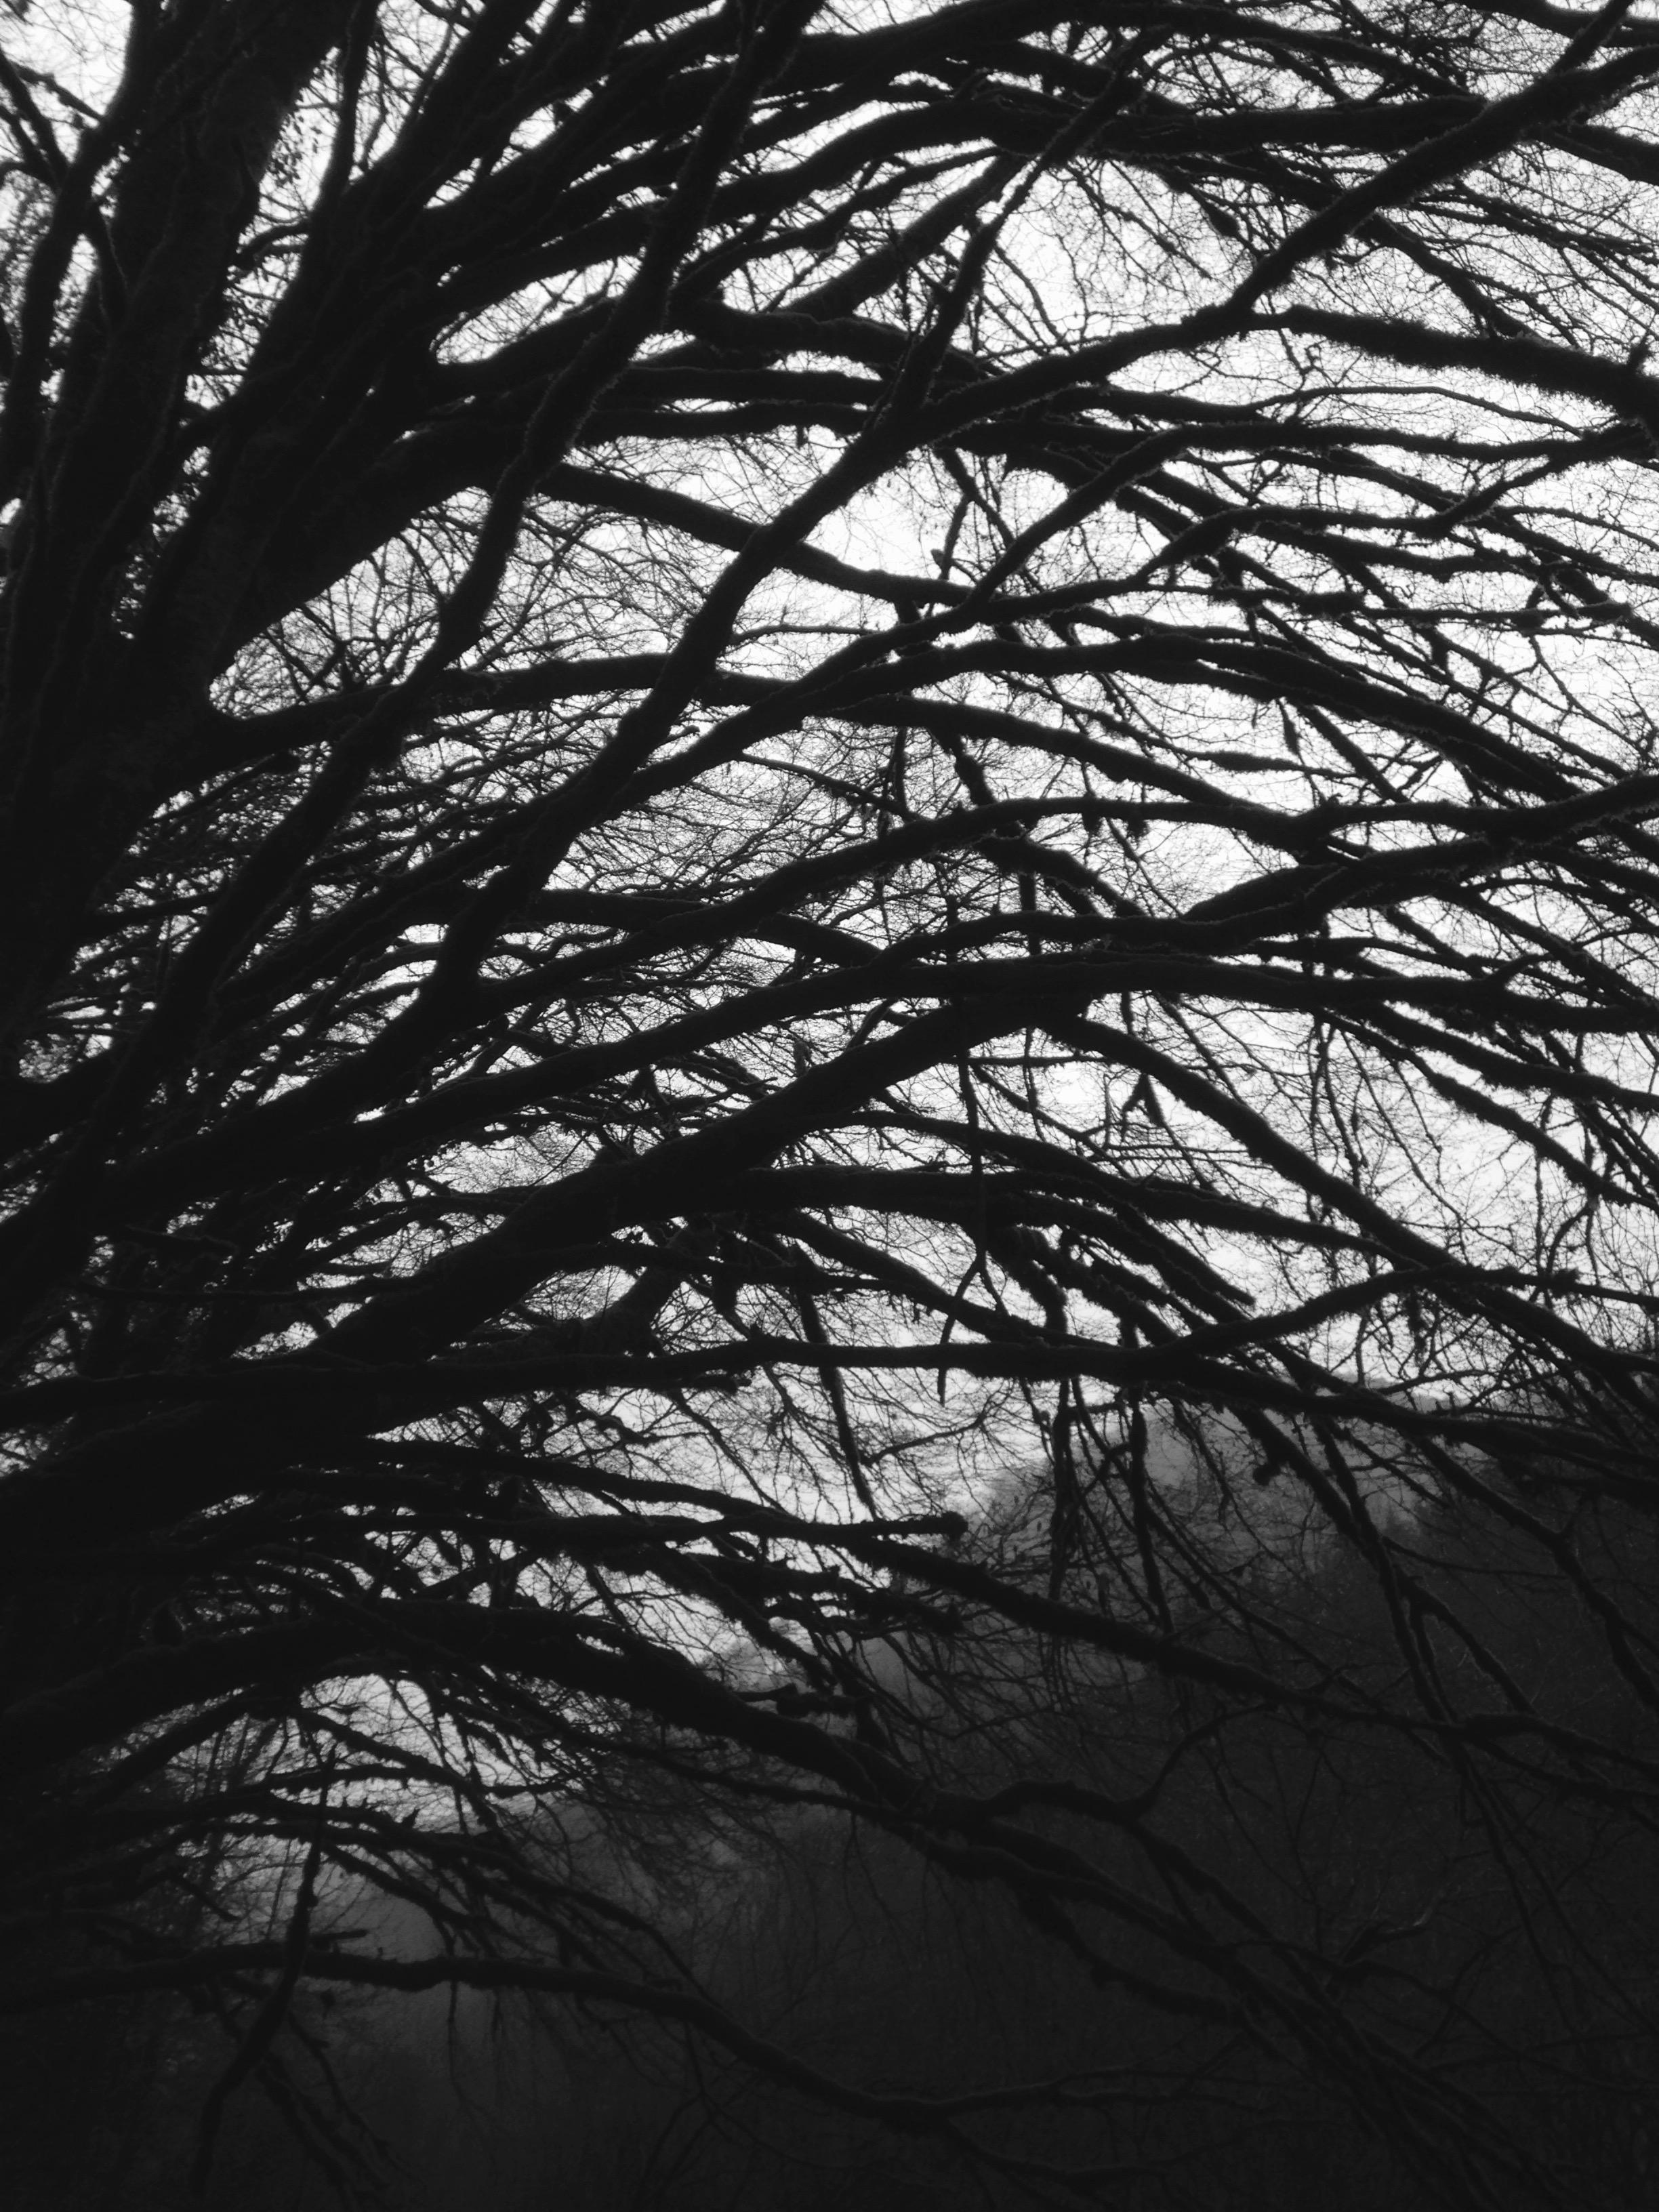 ...même en noir et blanc